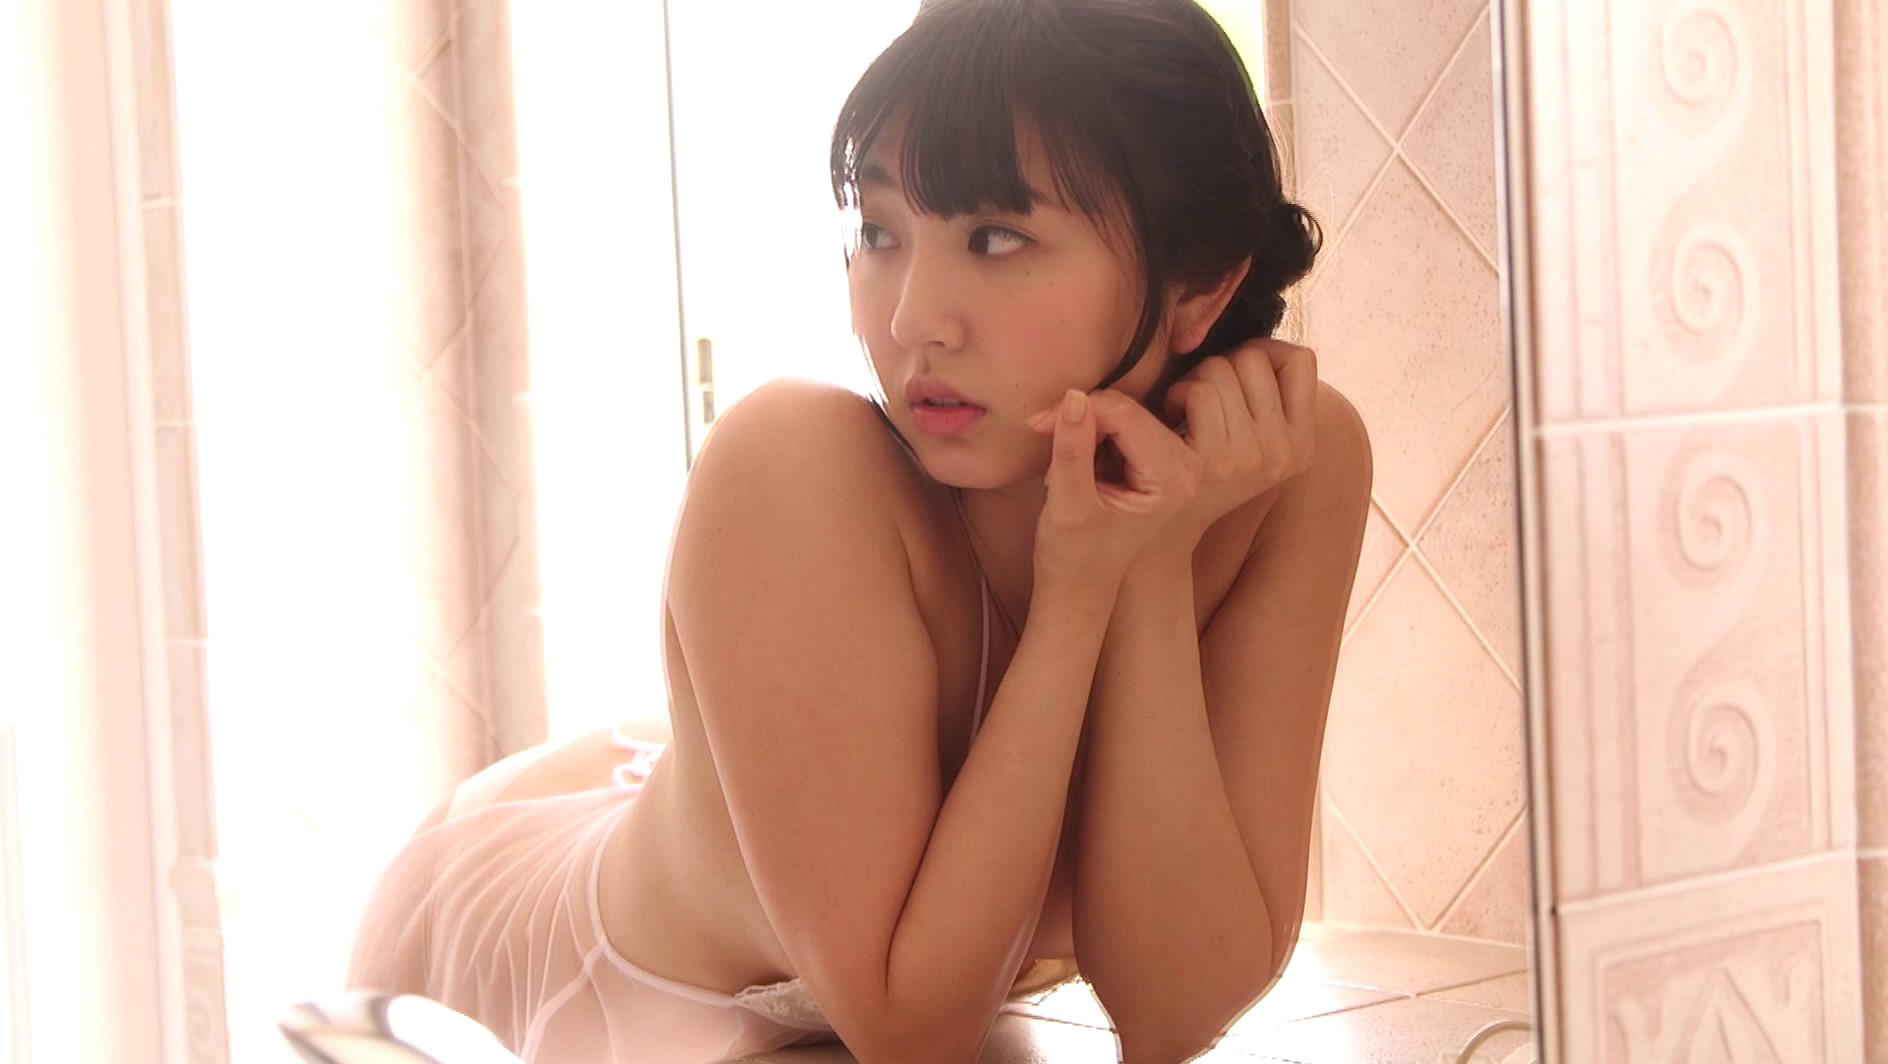 柔肌によせて 椎名香奈江12